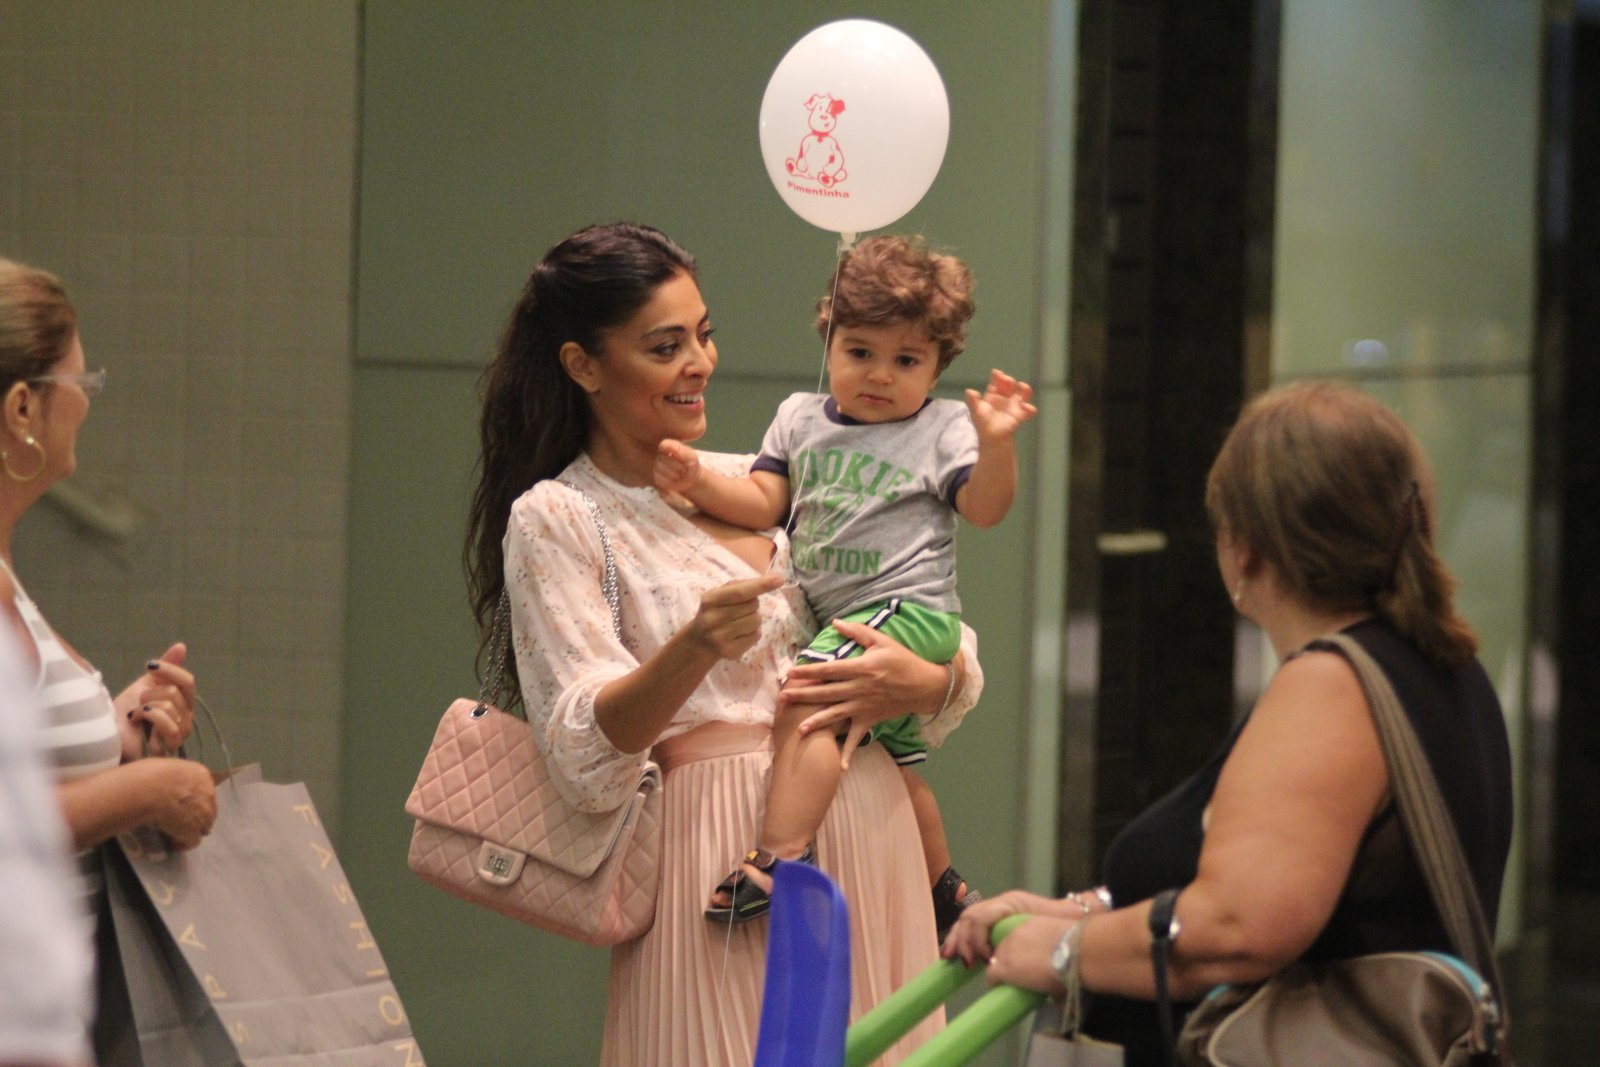 Juliana Paes e o filho, PedroEm março deste ano, Juliana Paes levou Pedro para passear em um shopping do Rio. Eles brincaram com um bola de gás